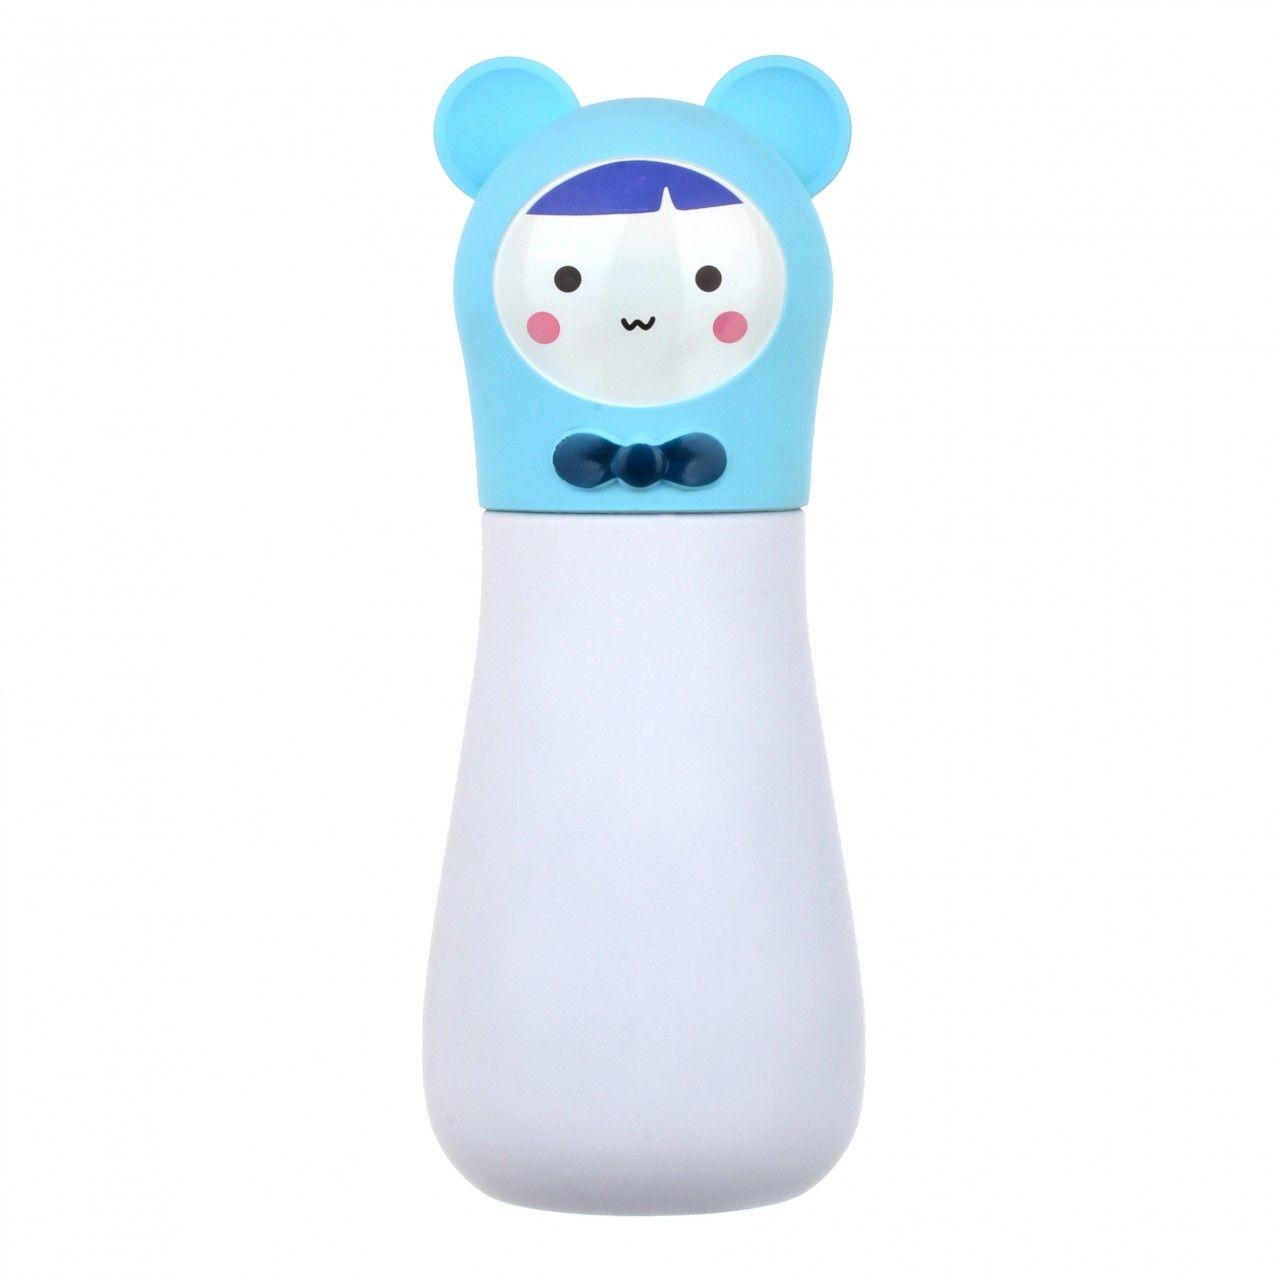 Кружка-термос  Кролик (Цвет: Голубой)Чашки и кружки<br>Кружка-термос  Кролик (Цвет: Голубой)<br>Размер: None; Объем: None; Материал: Металл; Цвет: Белый / Голубой;